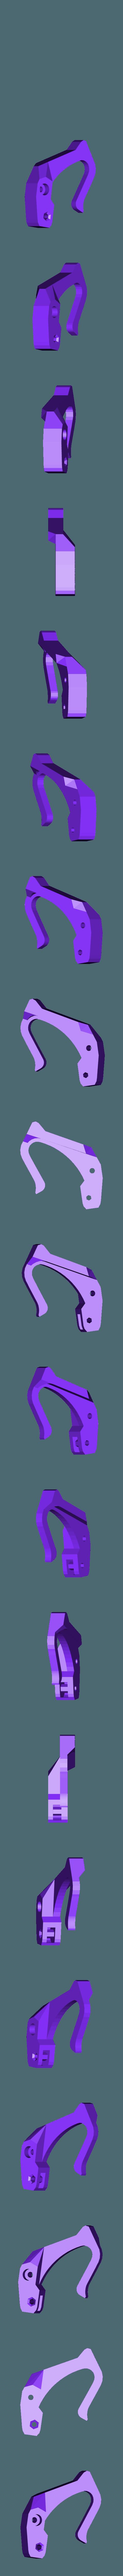 extruder.stl Télécharger fichier STL gratuit Remplacement minimaliste Mk7-MK8 • Design pour imprimante 3D, dasaki